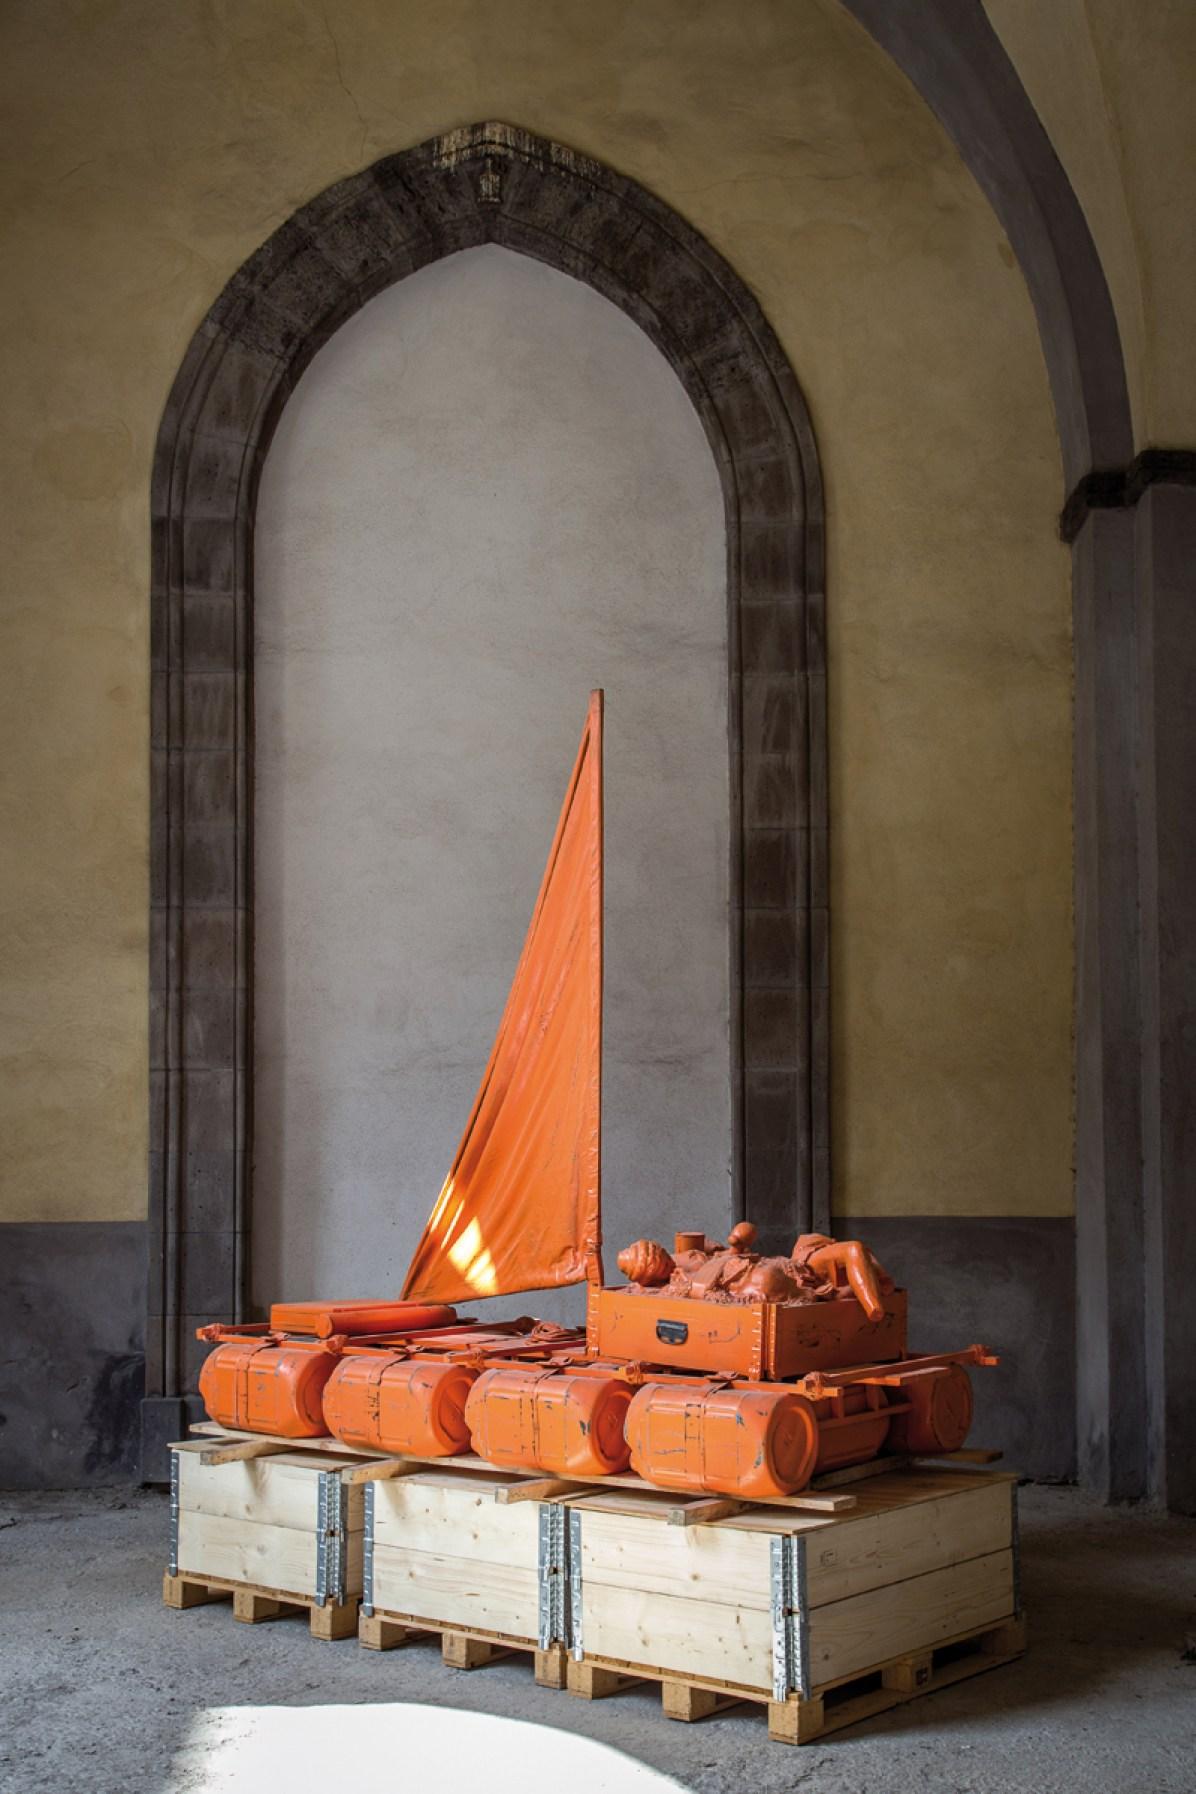 Vincenzo Rusciano - Sponda - 2014 - Jesmonite, legno, ferro, tela, resina, vernice - cm. 260 x 260 x 125, ph. Danilo Donzelli photography